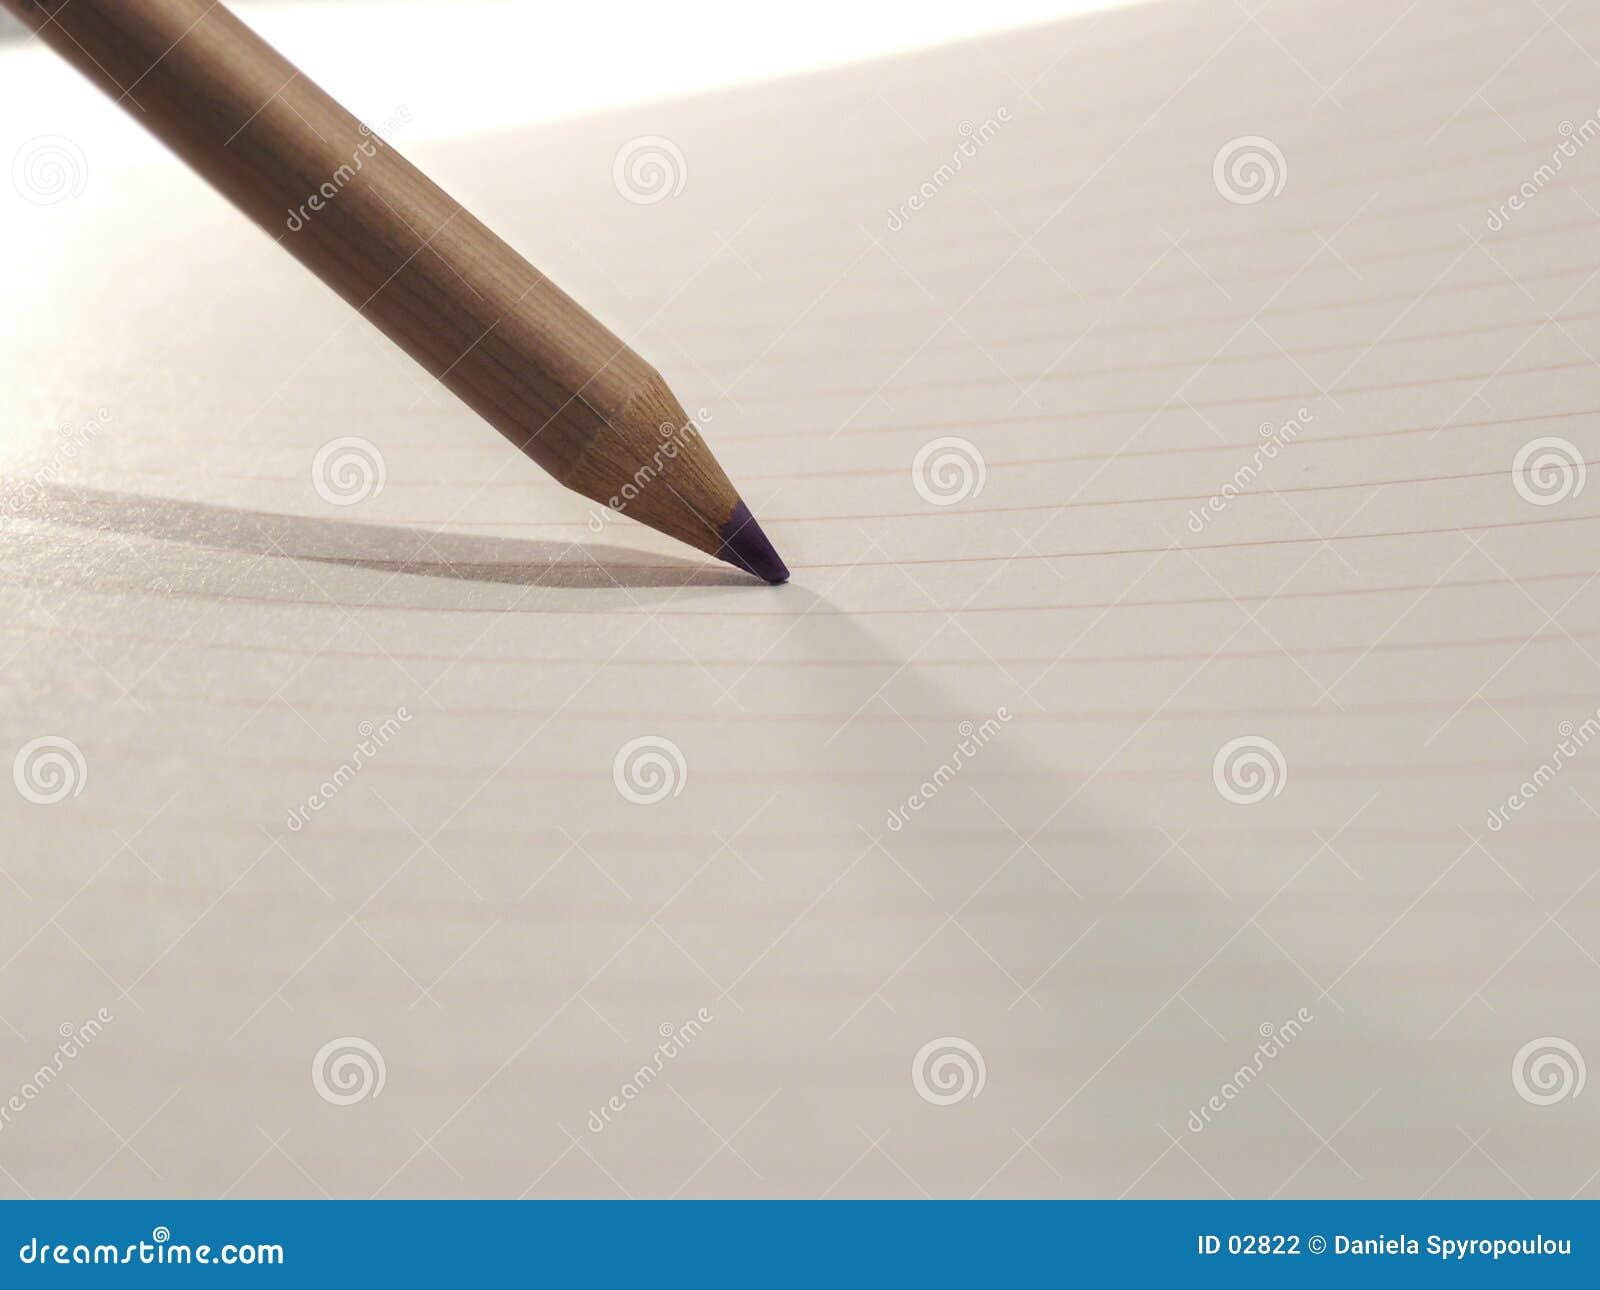 Download Lápis no papel ilustração stock. Ilustração de exams, charcoal - 2822